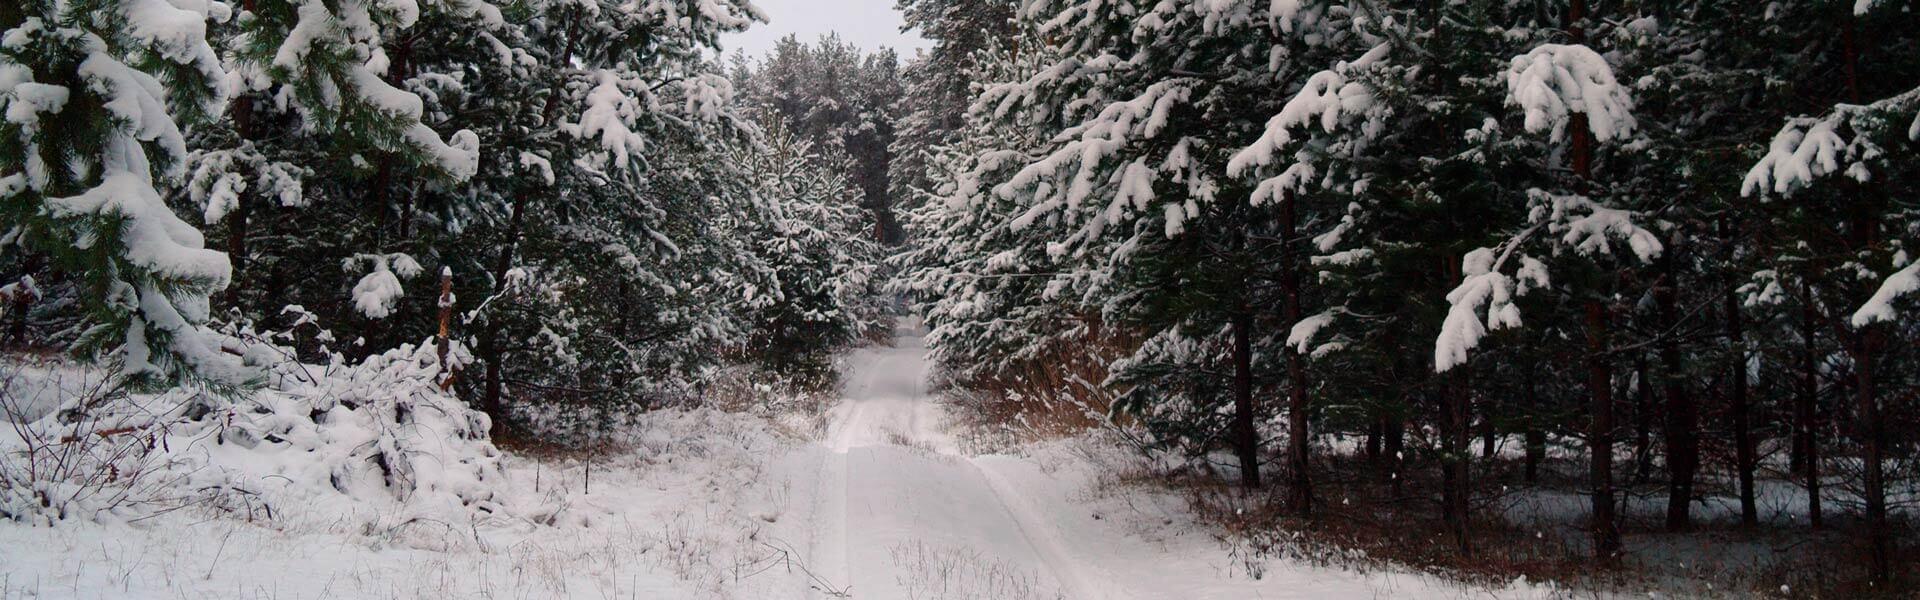 Christbaumschonung mit Tannenbaumschlagen als Weihnachtsfeier Idee b-ceed events